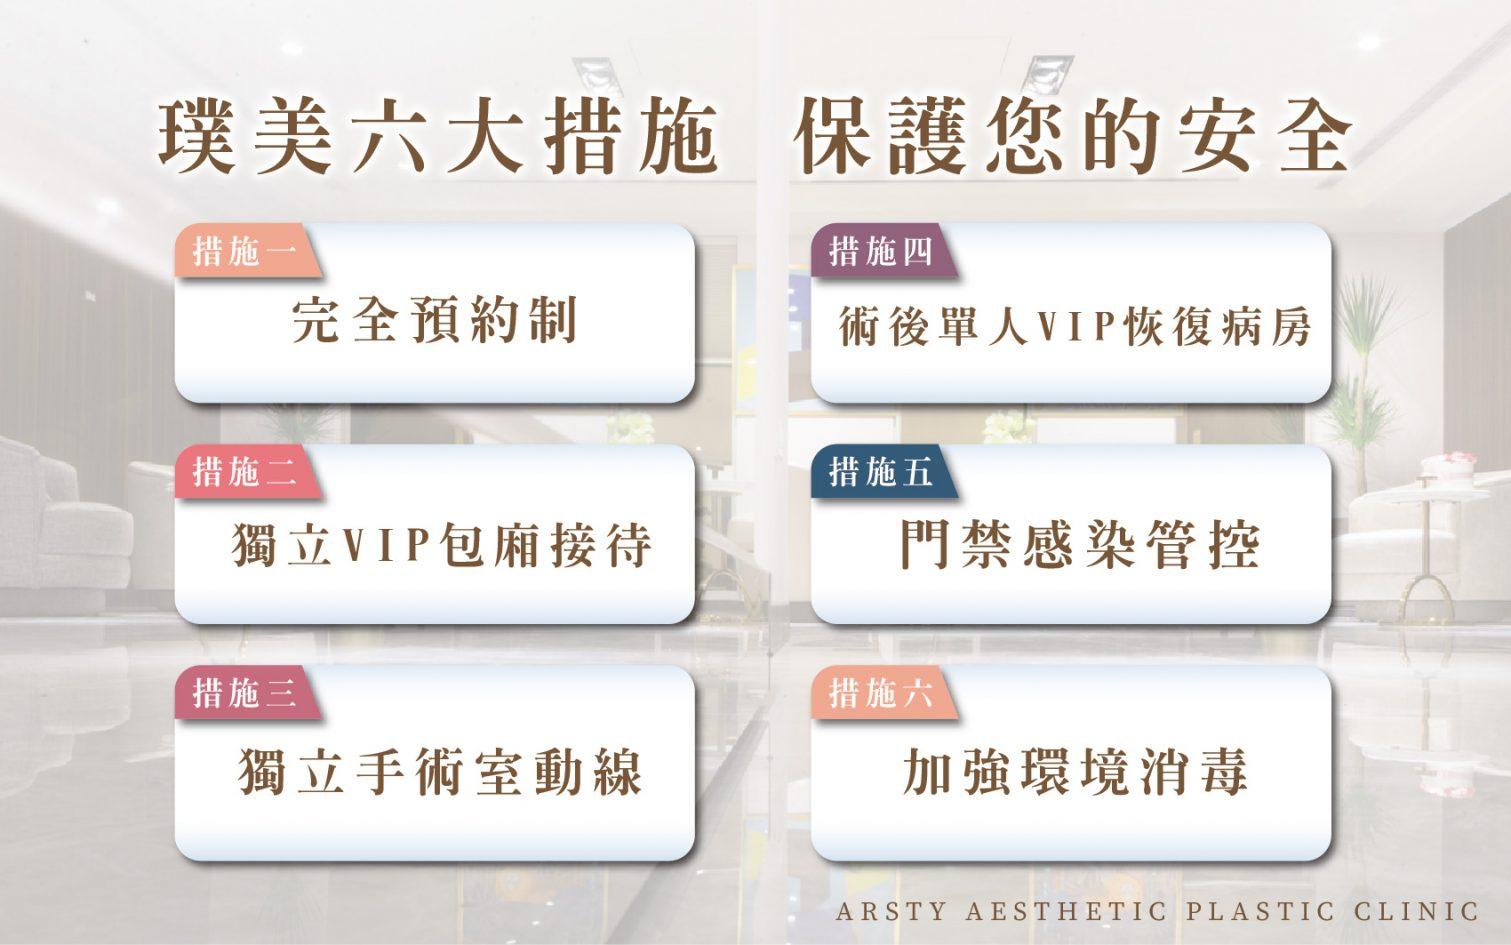 防疫 六大保護措施Banner 01